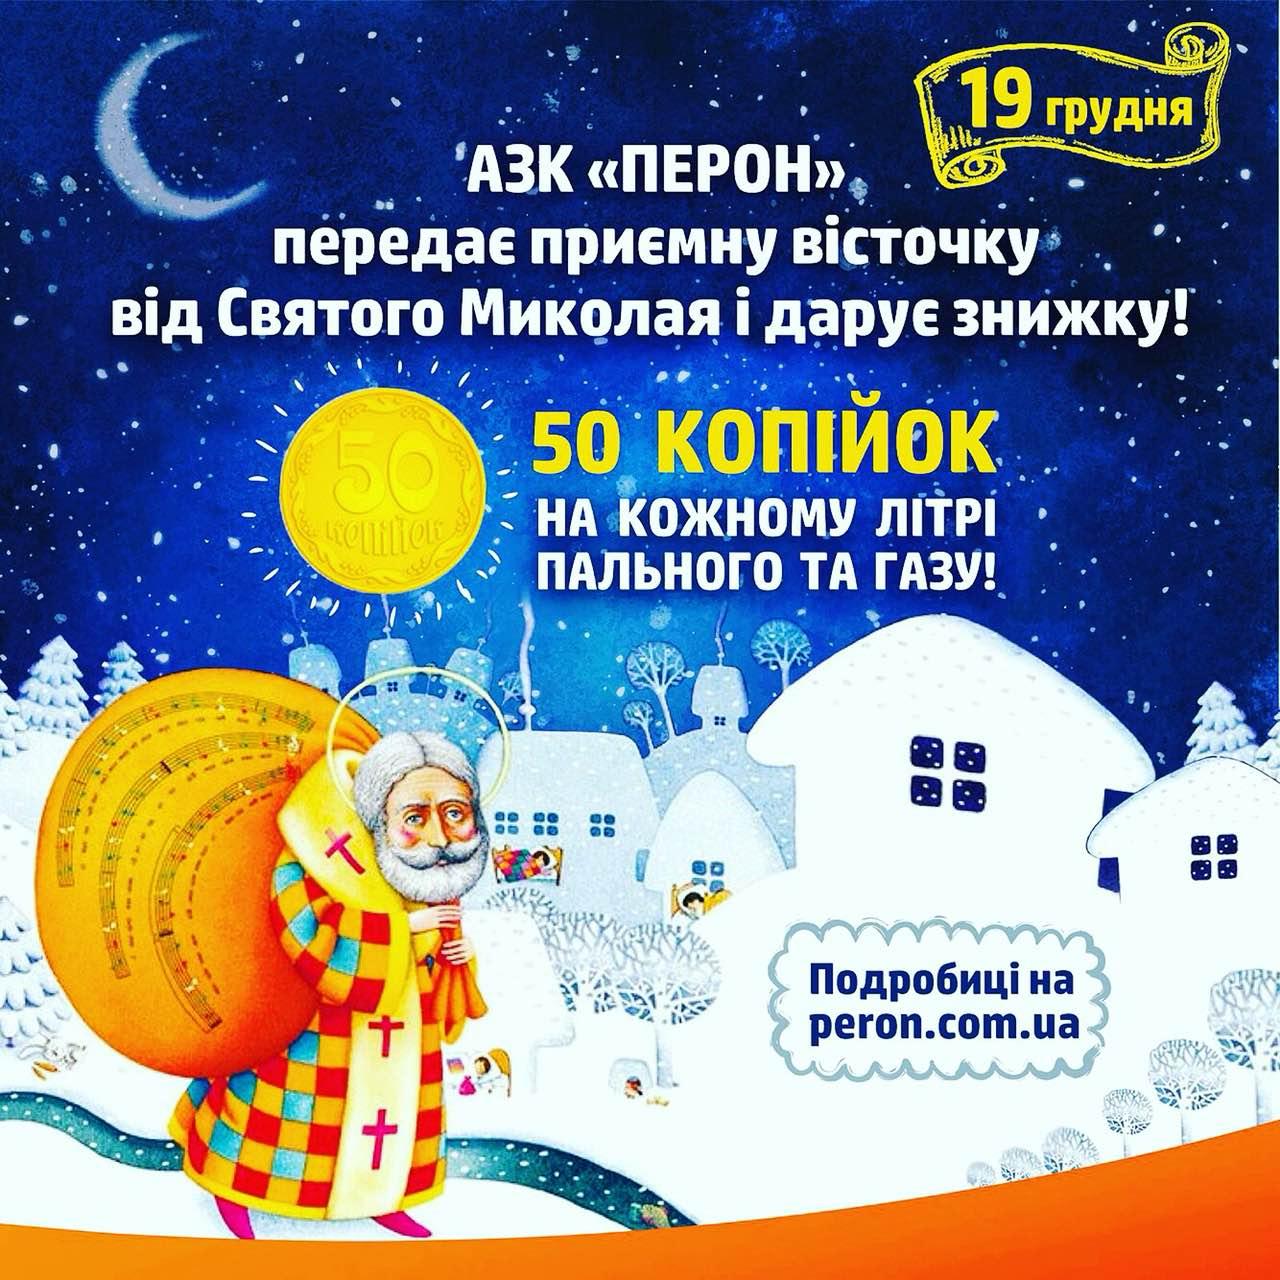 19 грудня АЗК «ПЕРОН» вітає всіх з днем Святого Миколая Чудотворця!